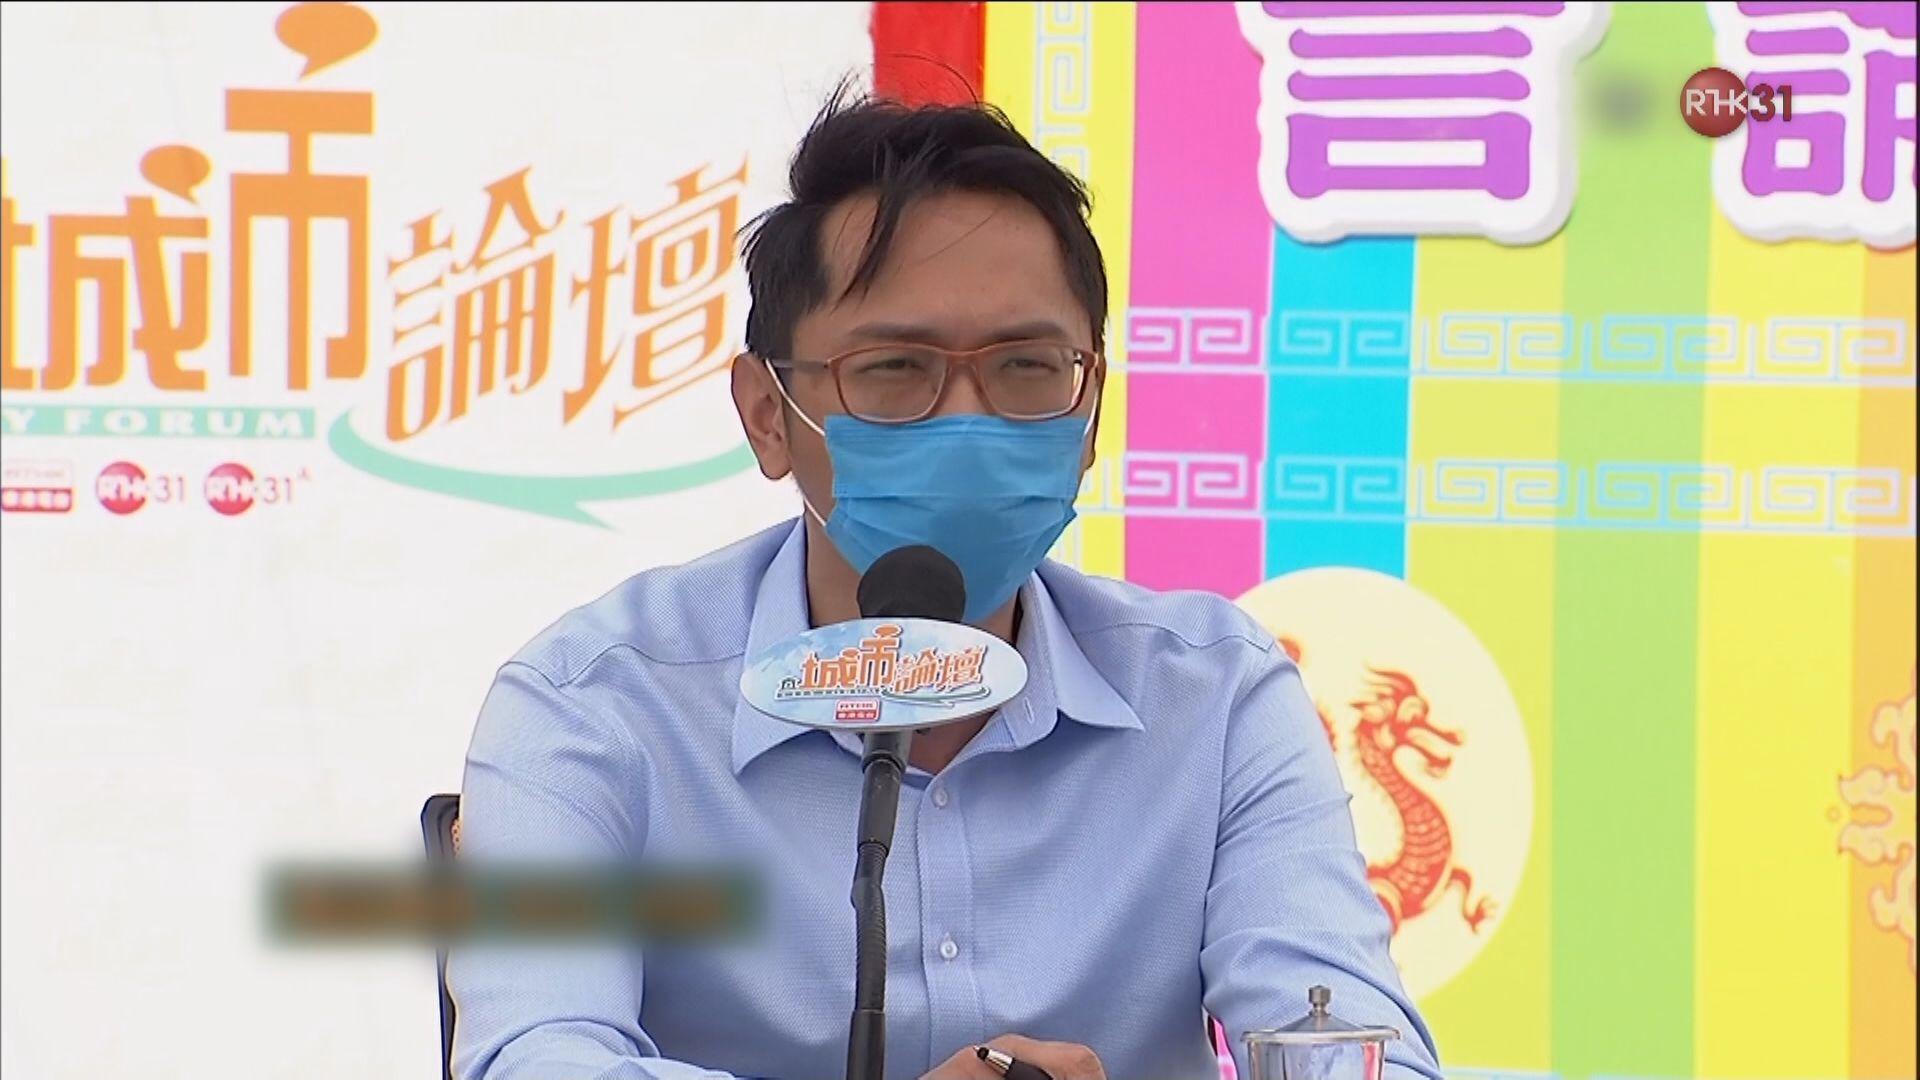 陸頌雄建議太古集團和中國國航吸納部分被國泰解僱員工